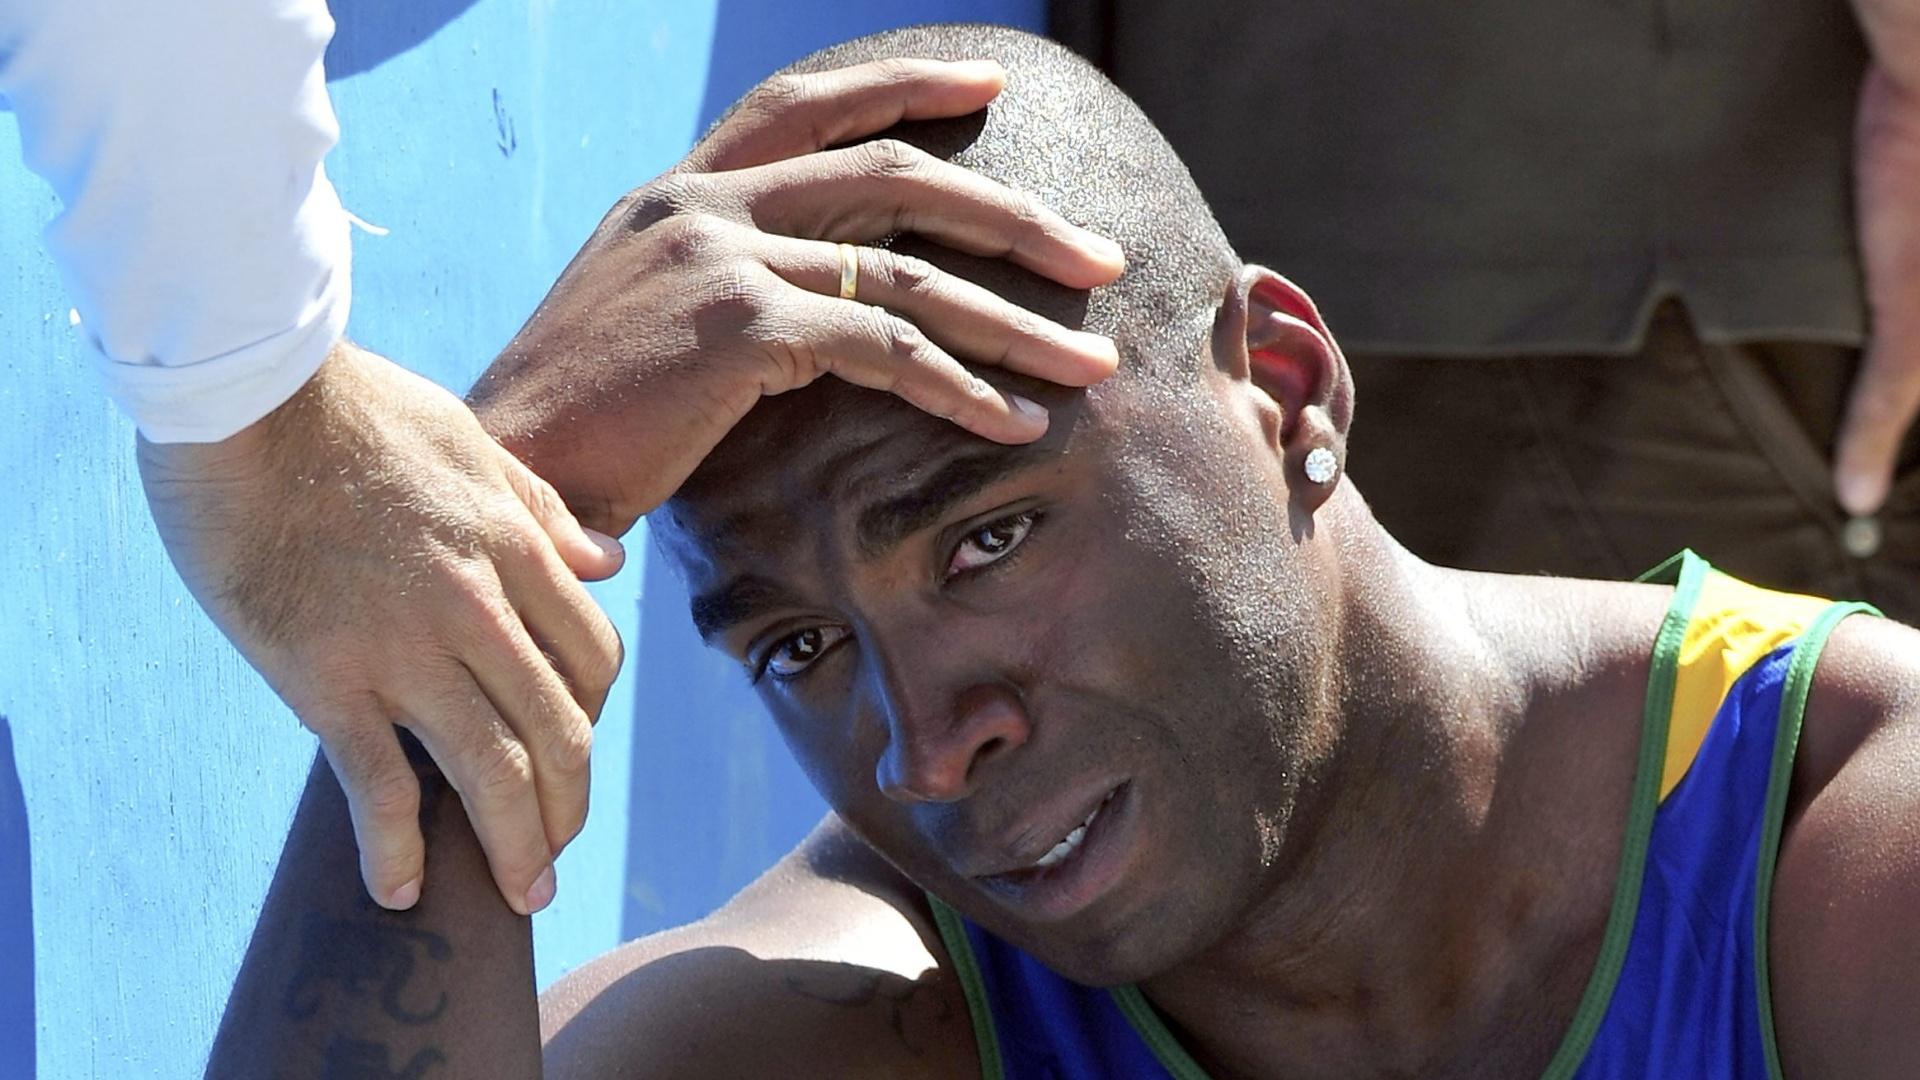 Luiz Araújo chora depois de abandonar a prova do salto em distância no decatlo (24/10/2011)